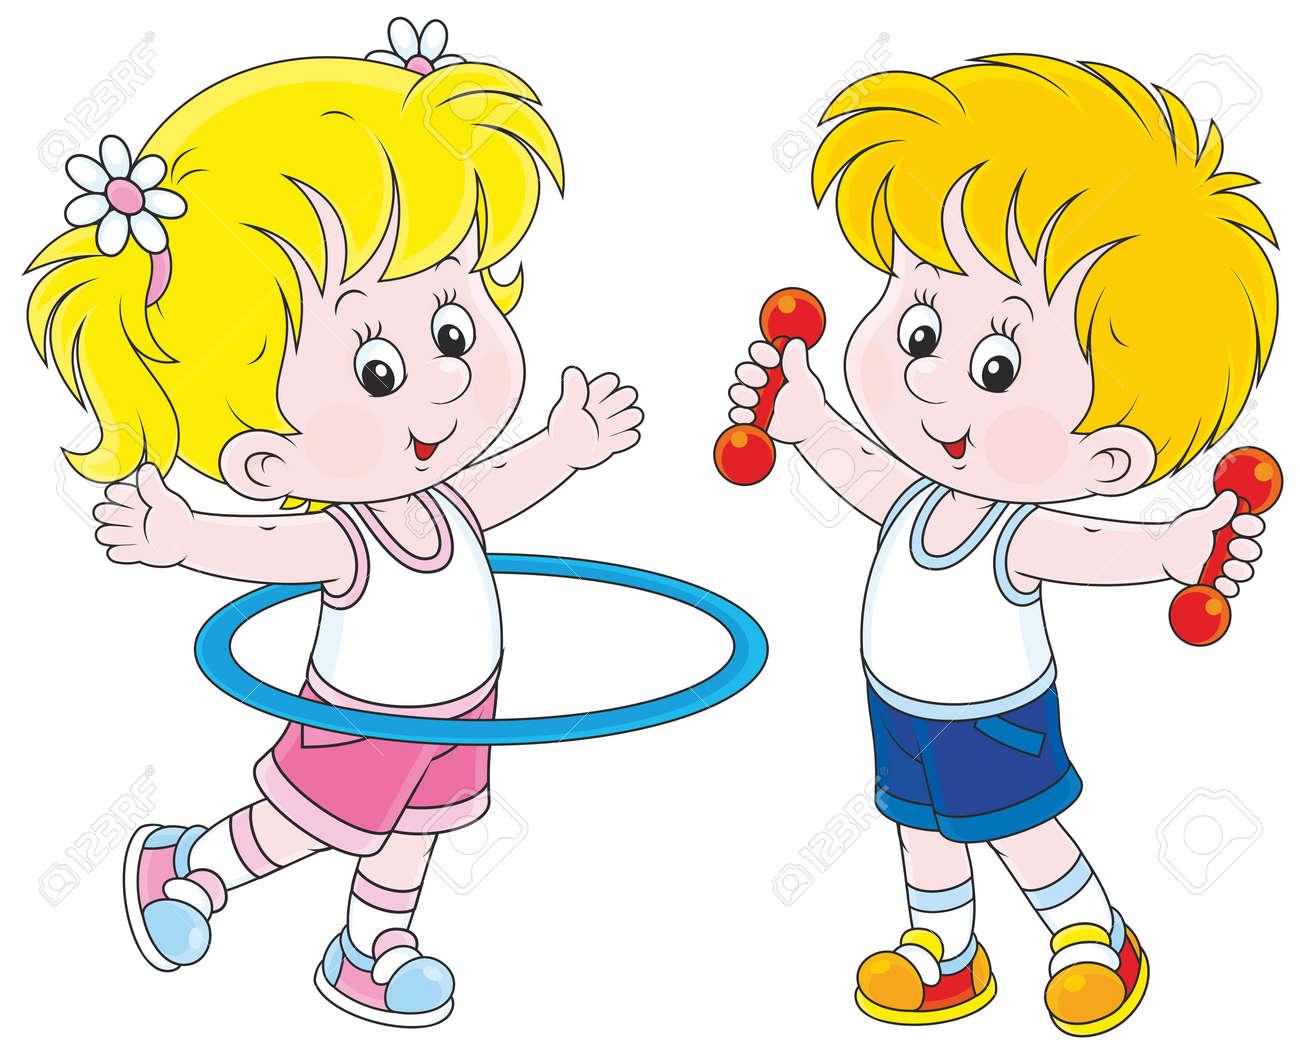 Los Niños Y Niñas Haciendo Ejercicios De Gimnasia Ilustraciones Vectoriales, Clip Art Vectorizado Libre De Derechos. Image 41629966.